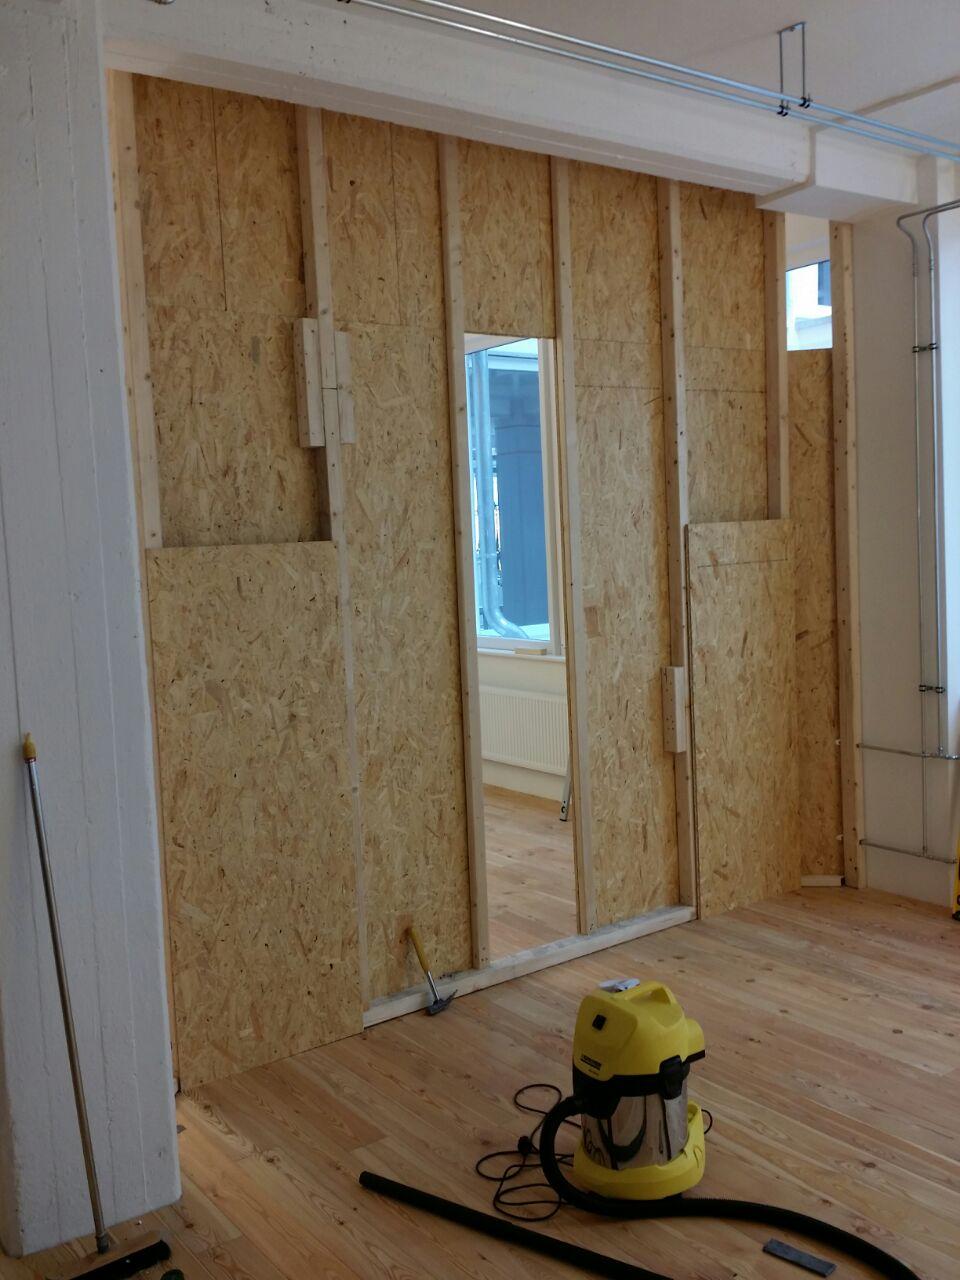 Wandverkleidung Holz Bremen ~   Zuschnitten und sehr viel Holz wurde die Grundkonstruktion geschaffen